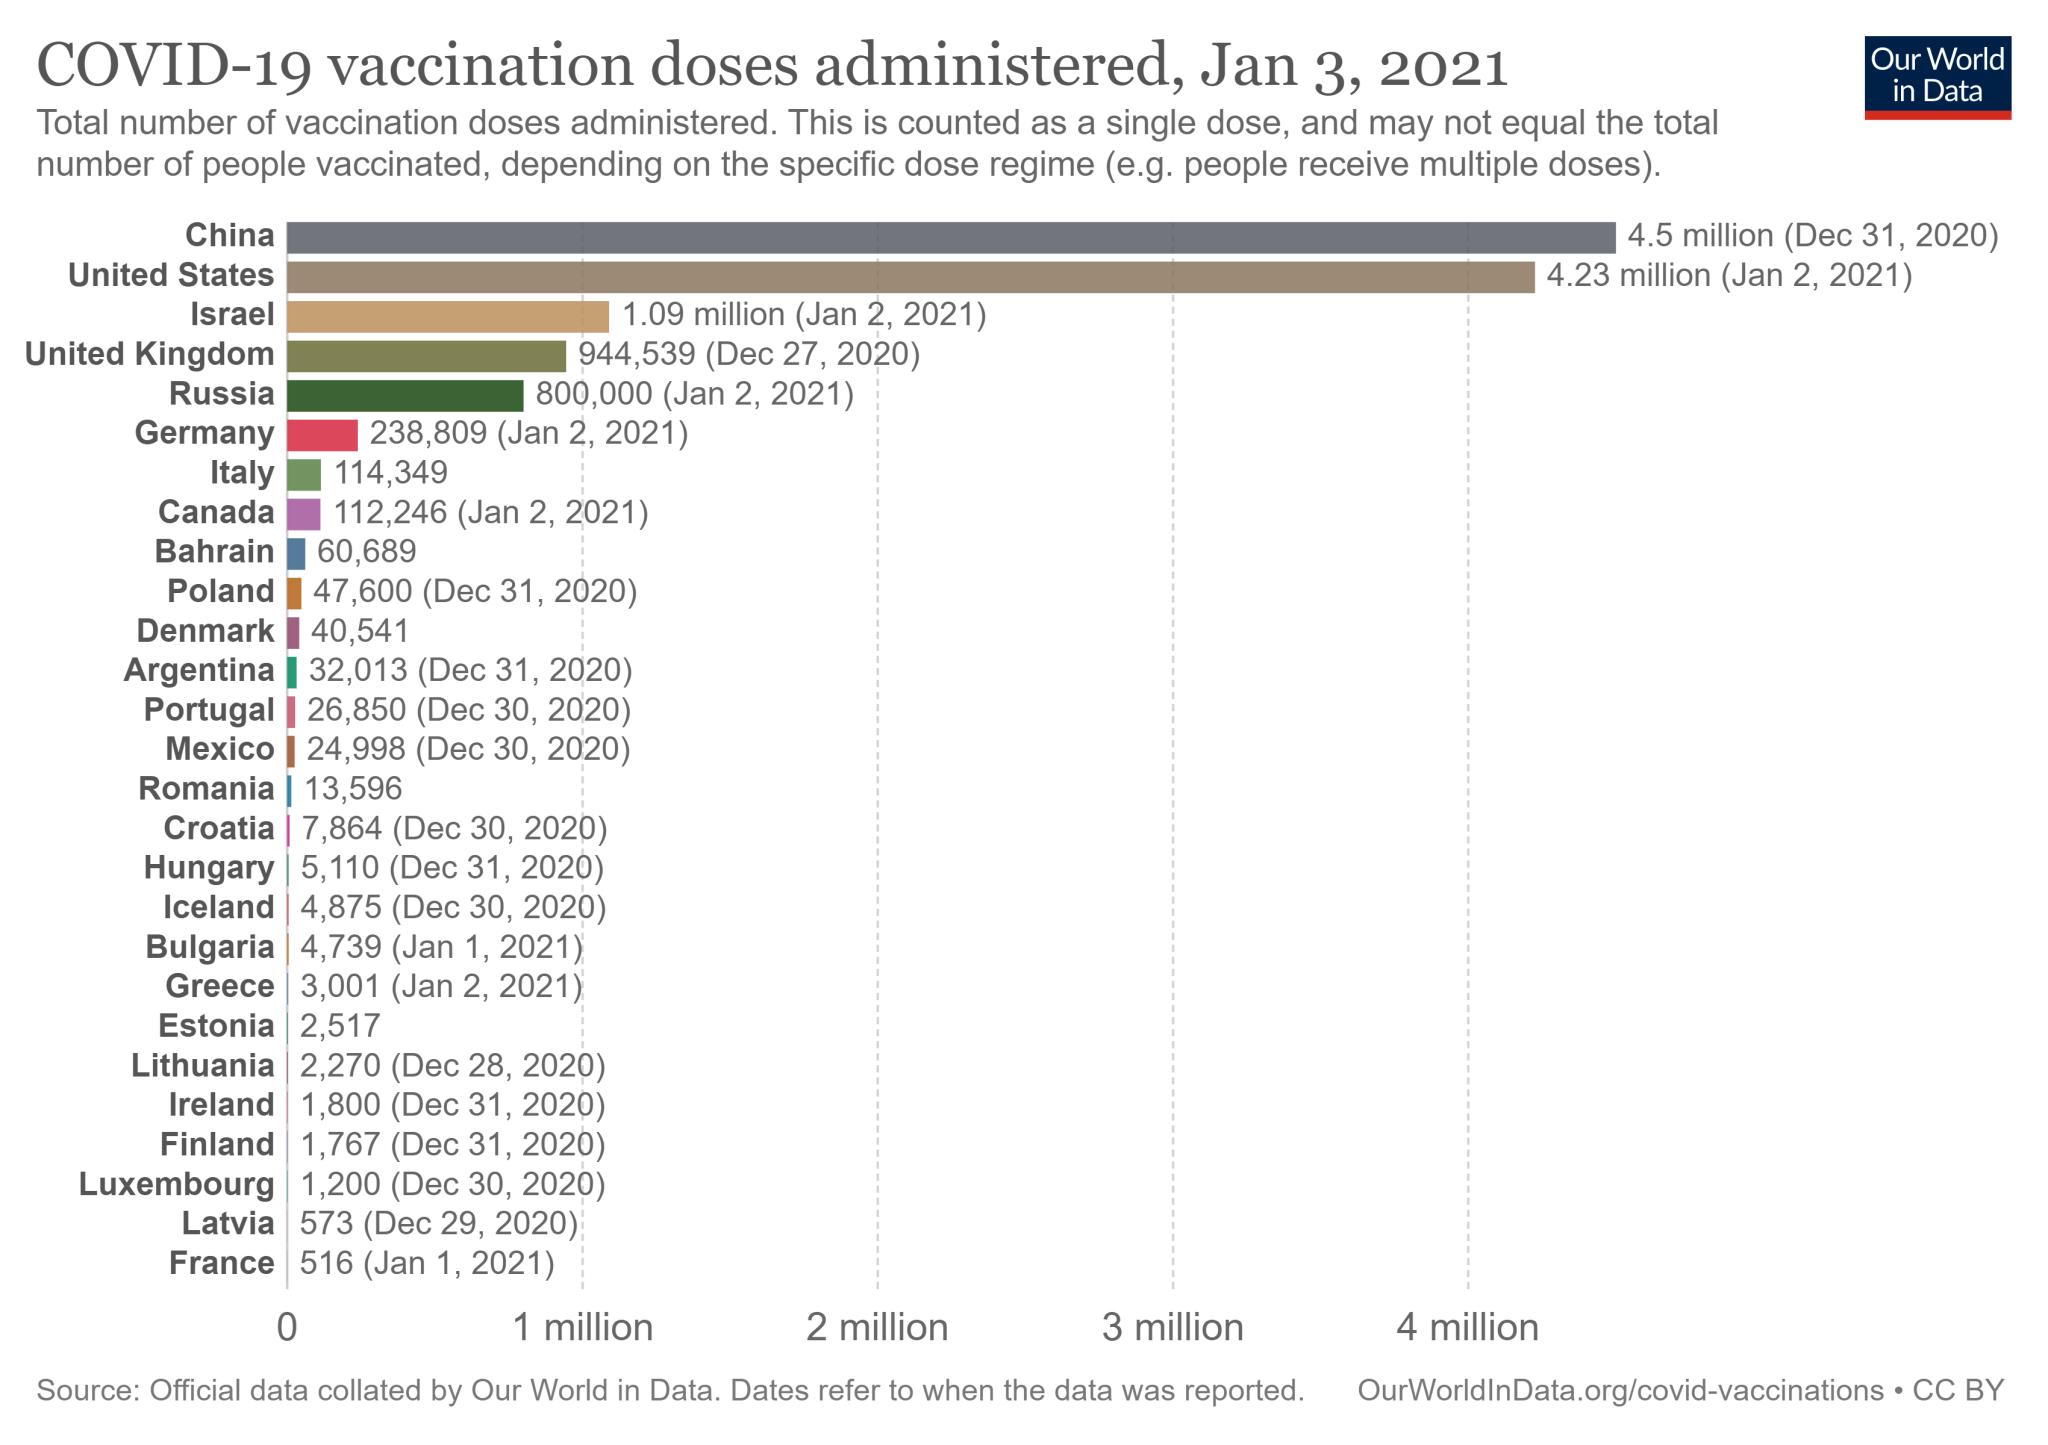 Liczba podanych szczepionek na COVID-19 w wybranych krajach (stan na 3 stycznia 2021)